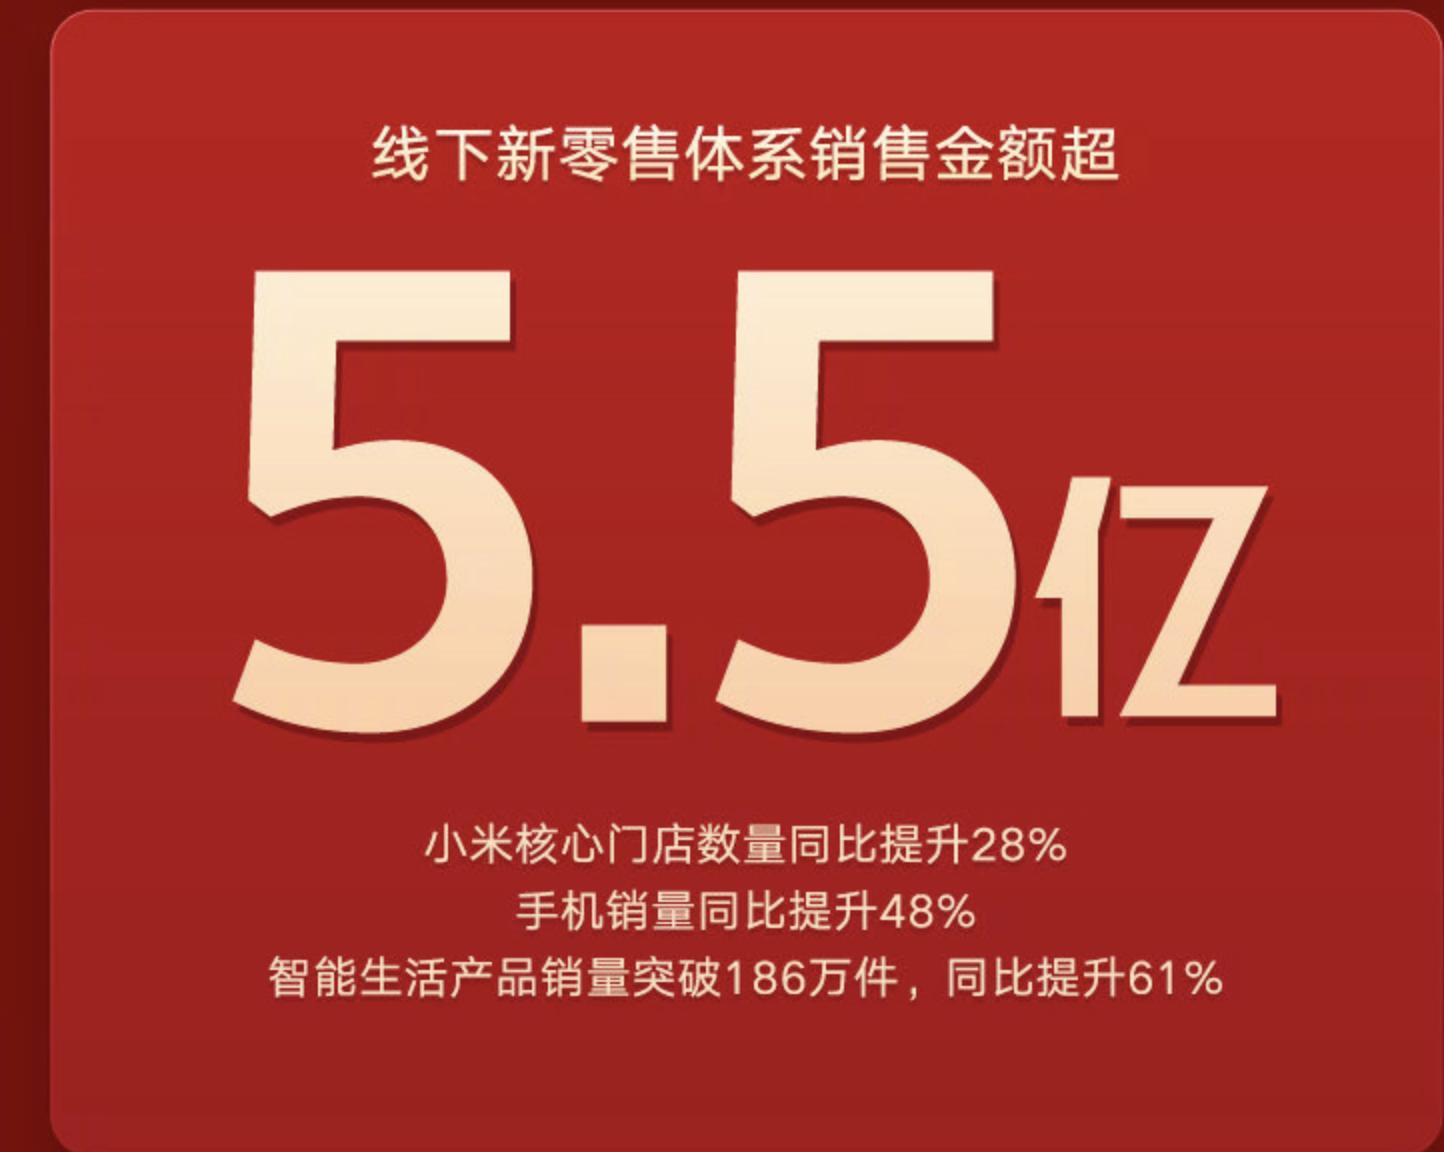 小米手机双十一考试成绩醒目:市场销售额度61亿,斩获天猫商城七年冠